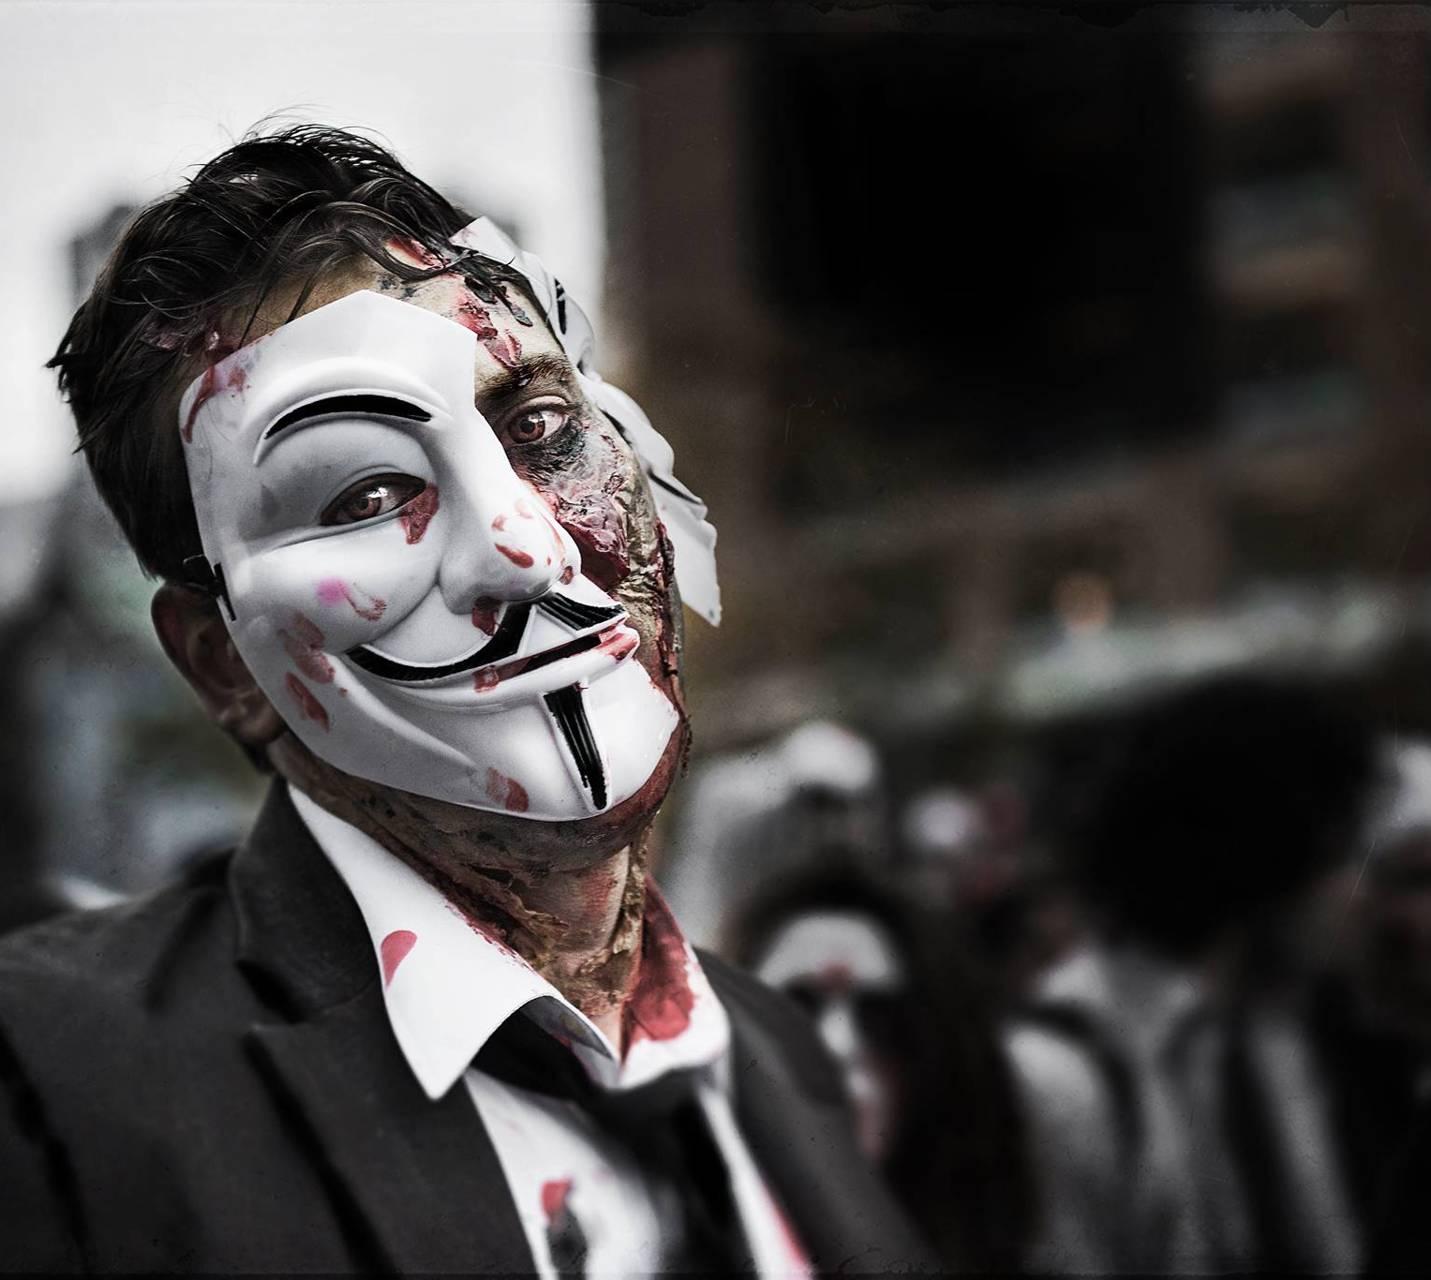 zombie anonymous